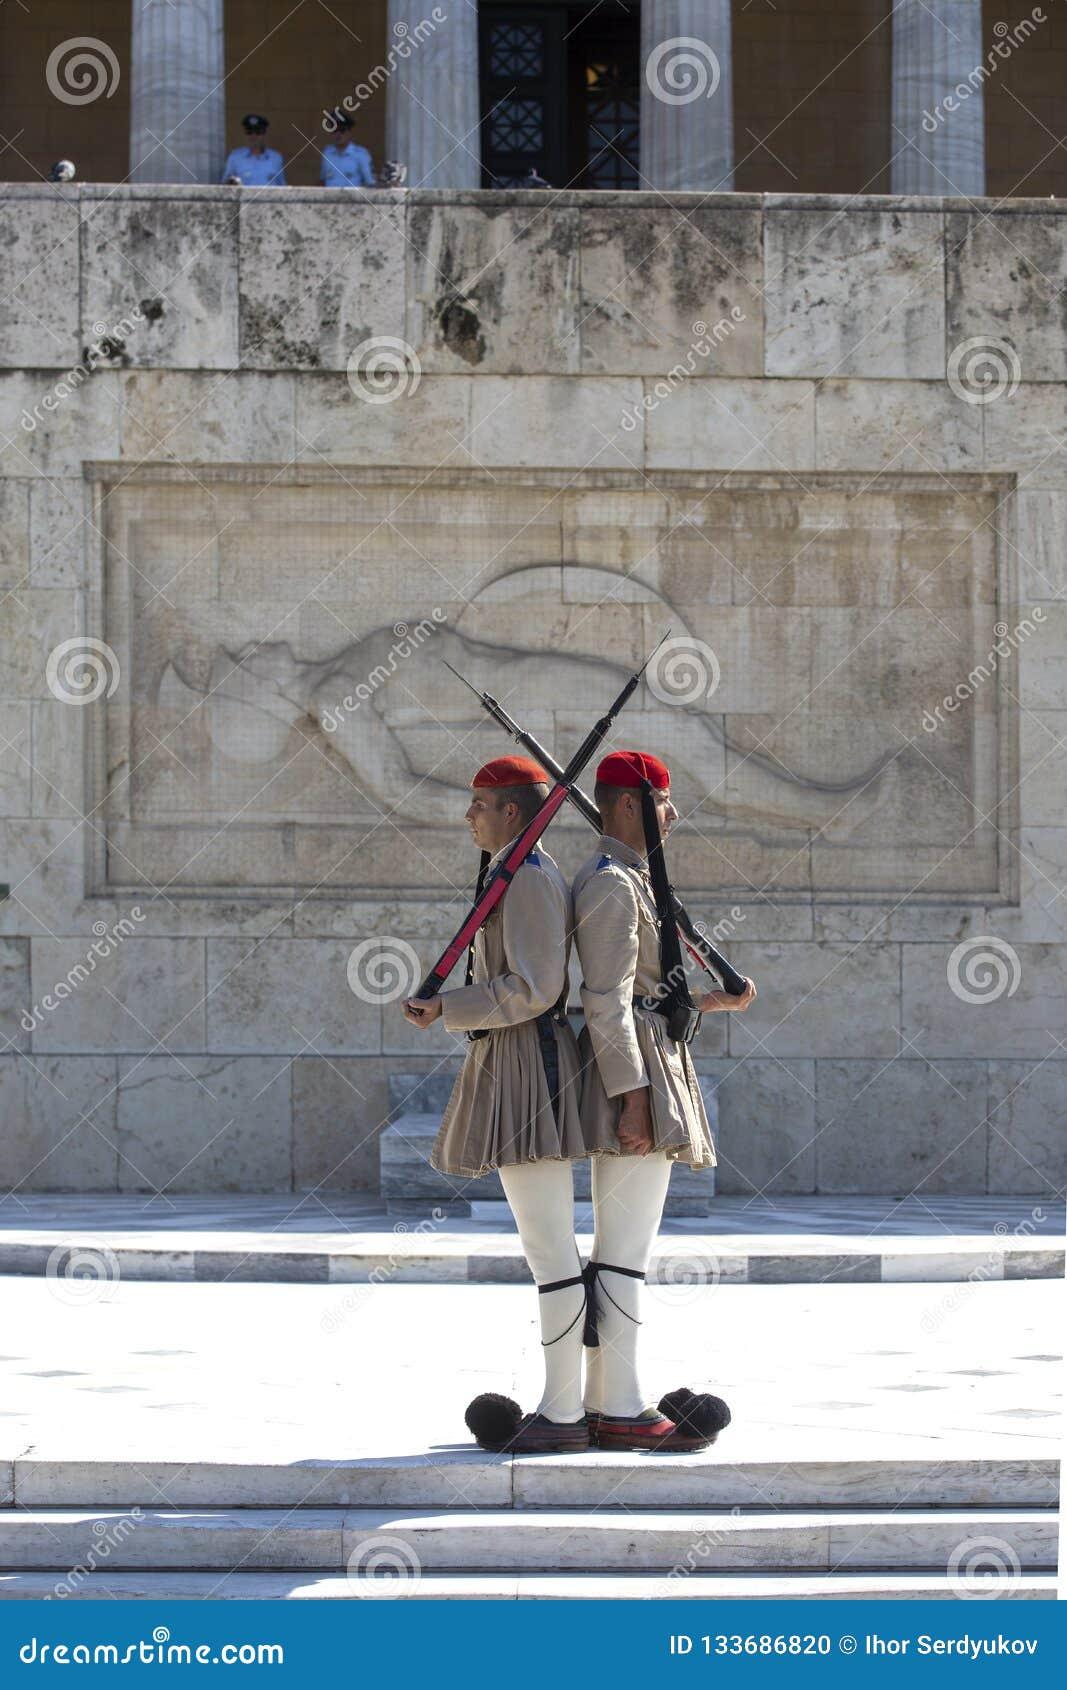 Αθήνα, Ελλάδα - 17 Οκτωβρίου 2018: Αλλαγή της τελετής φρουράς μπροστά από το ελληνικό Κοινοβούλιο που στηρίζεται στη πλατεία Συντ